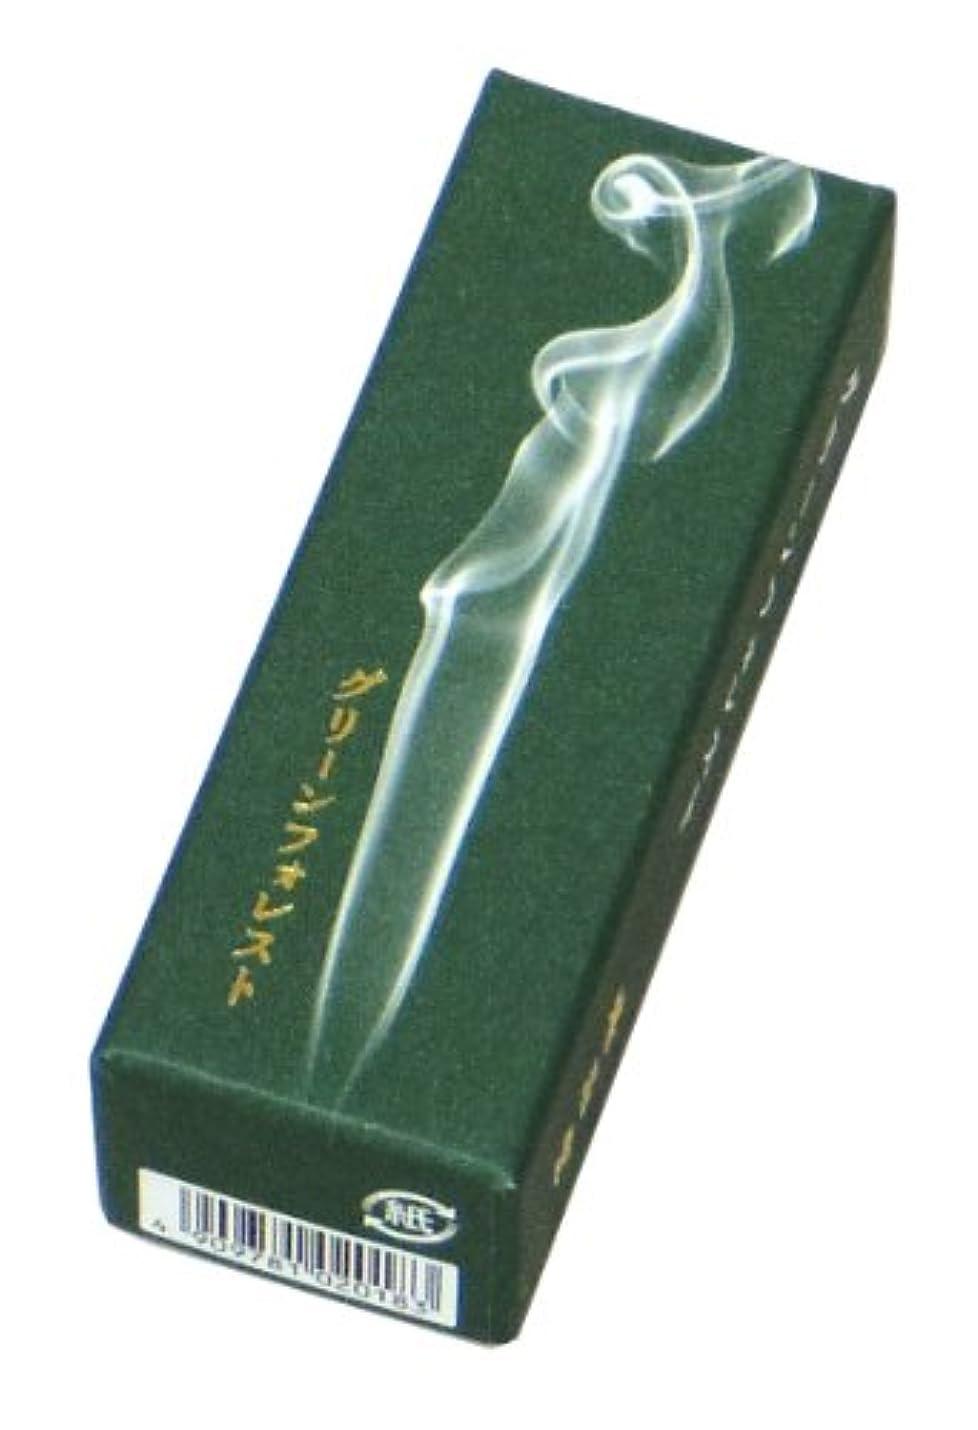 鳩居堂のお香 香水の香り グリーンフォレスト 20本入 6cm